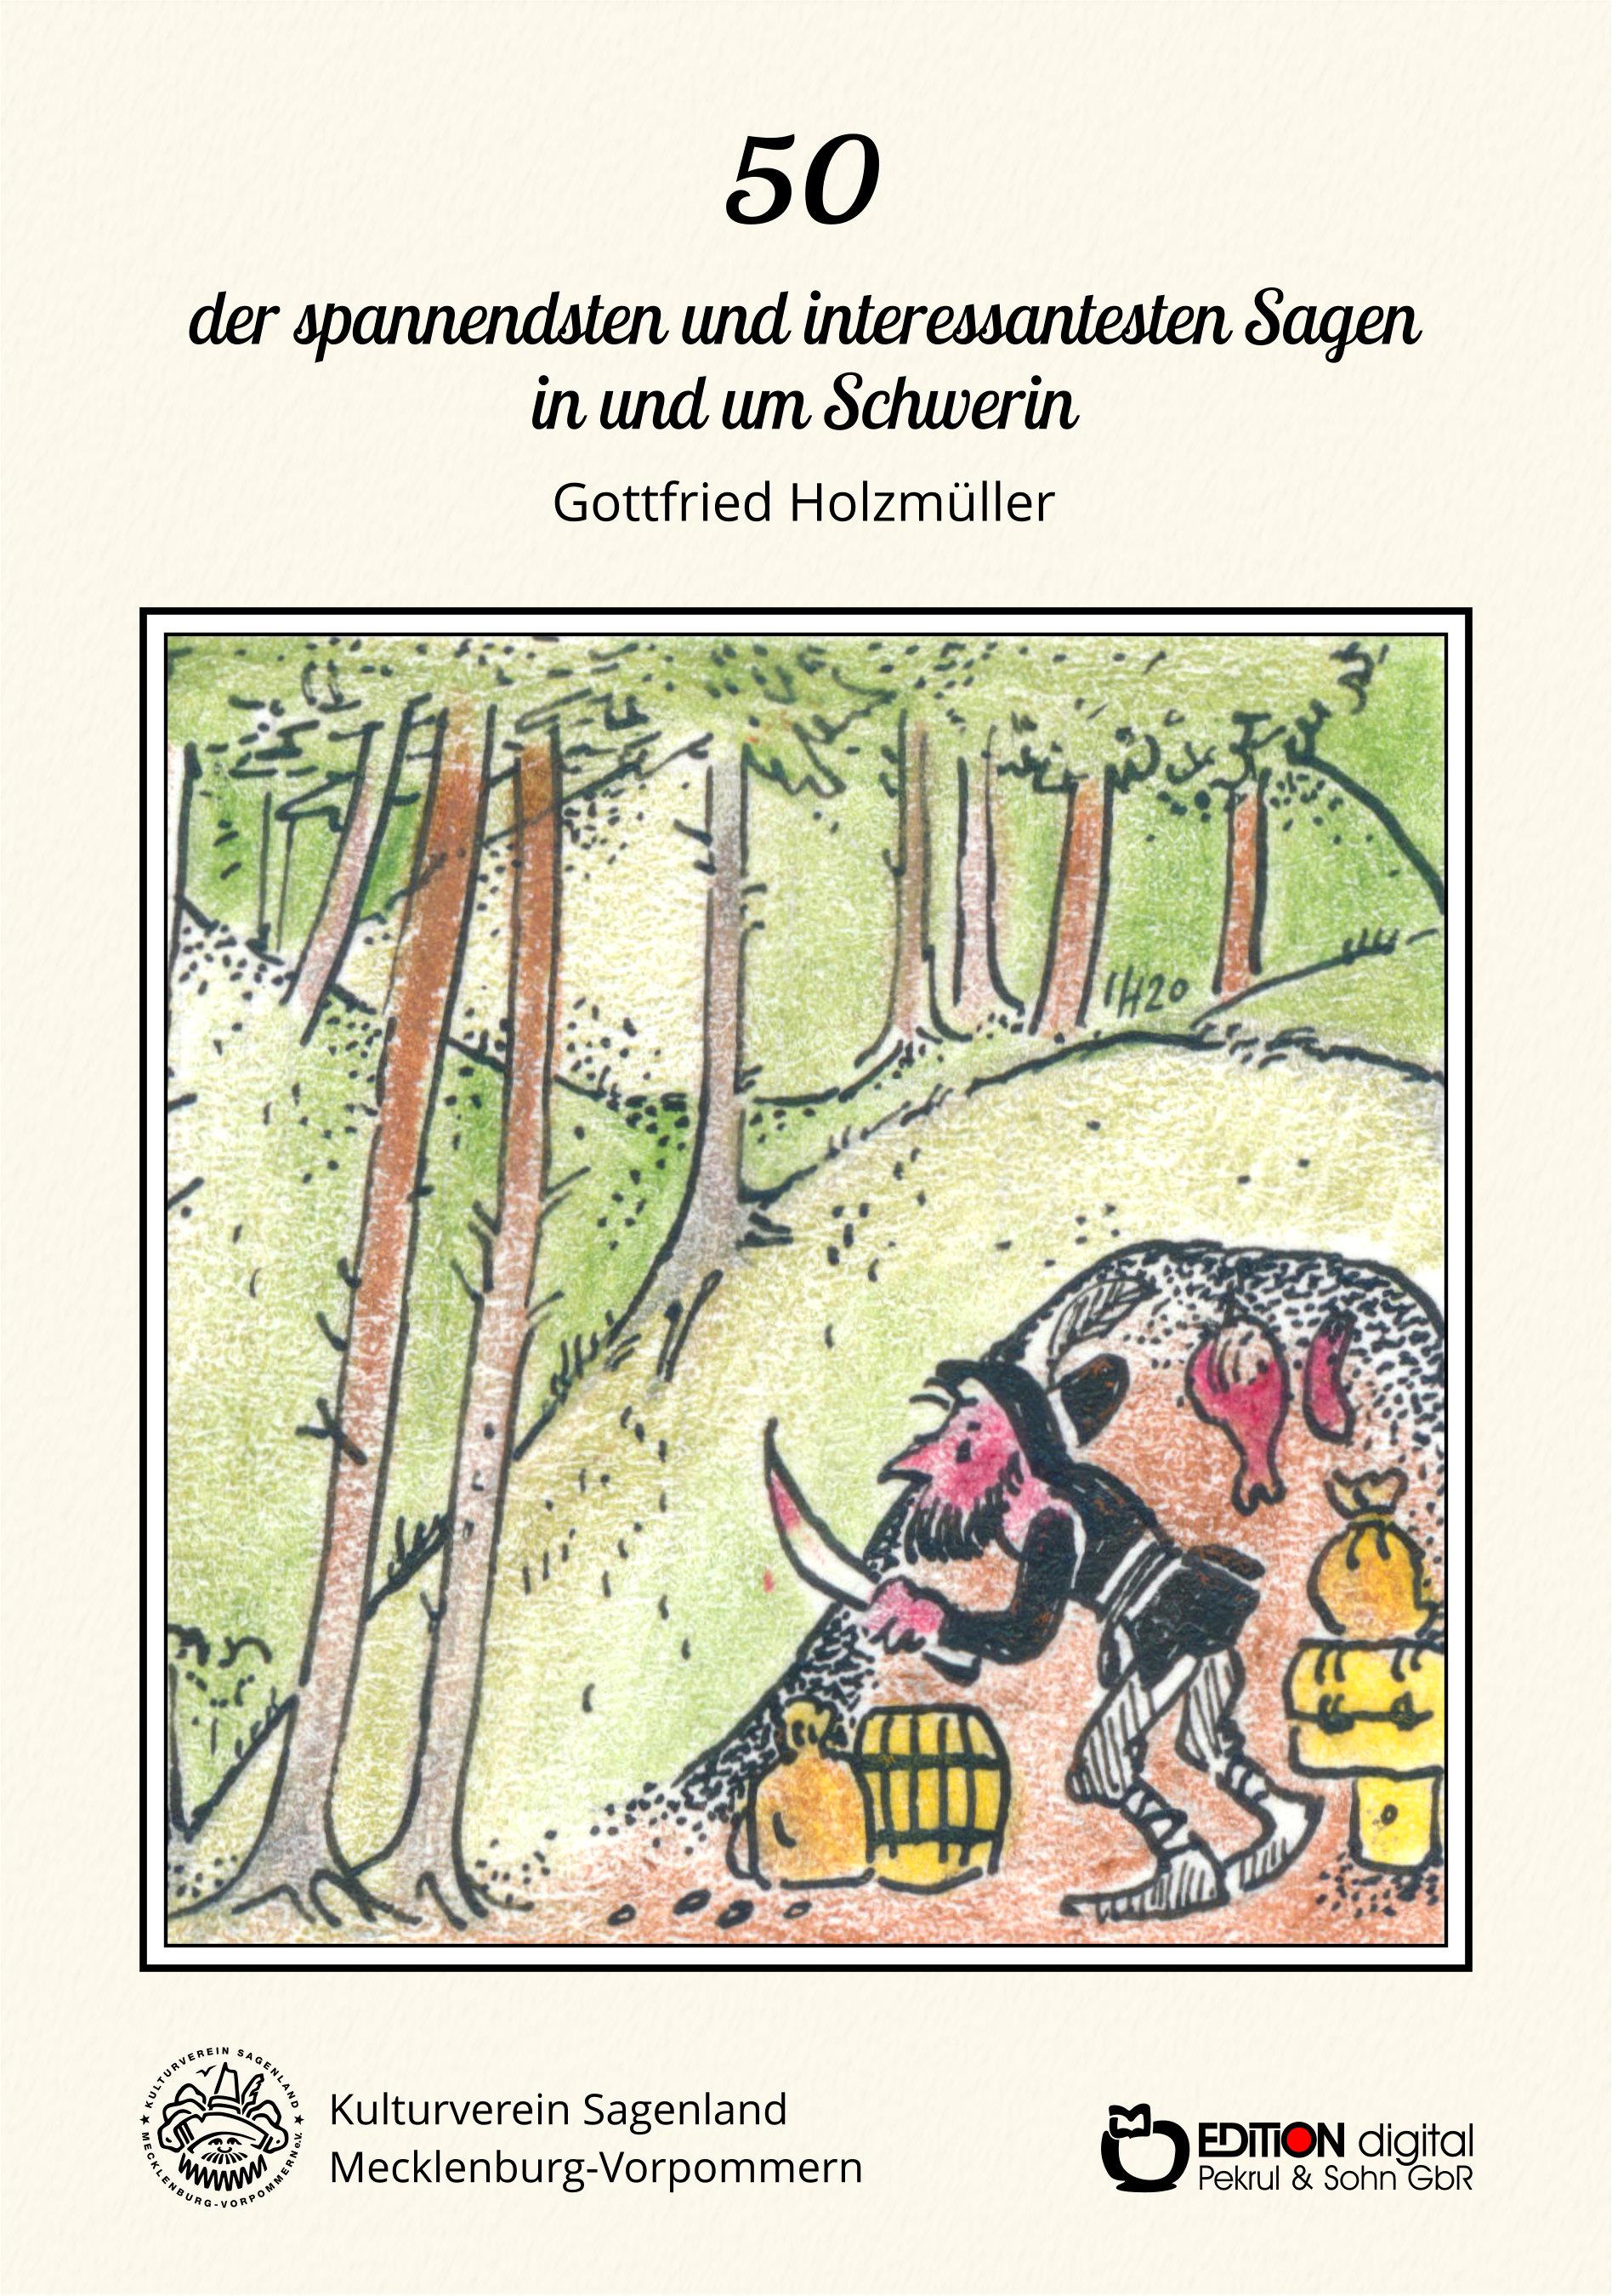 50 der spannendsten und interessantesten Sagen in und um Schwerin. Kurz und knackig nacherzählt und zum Teil neu gefasst von Gottfried Holzmüller